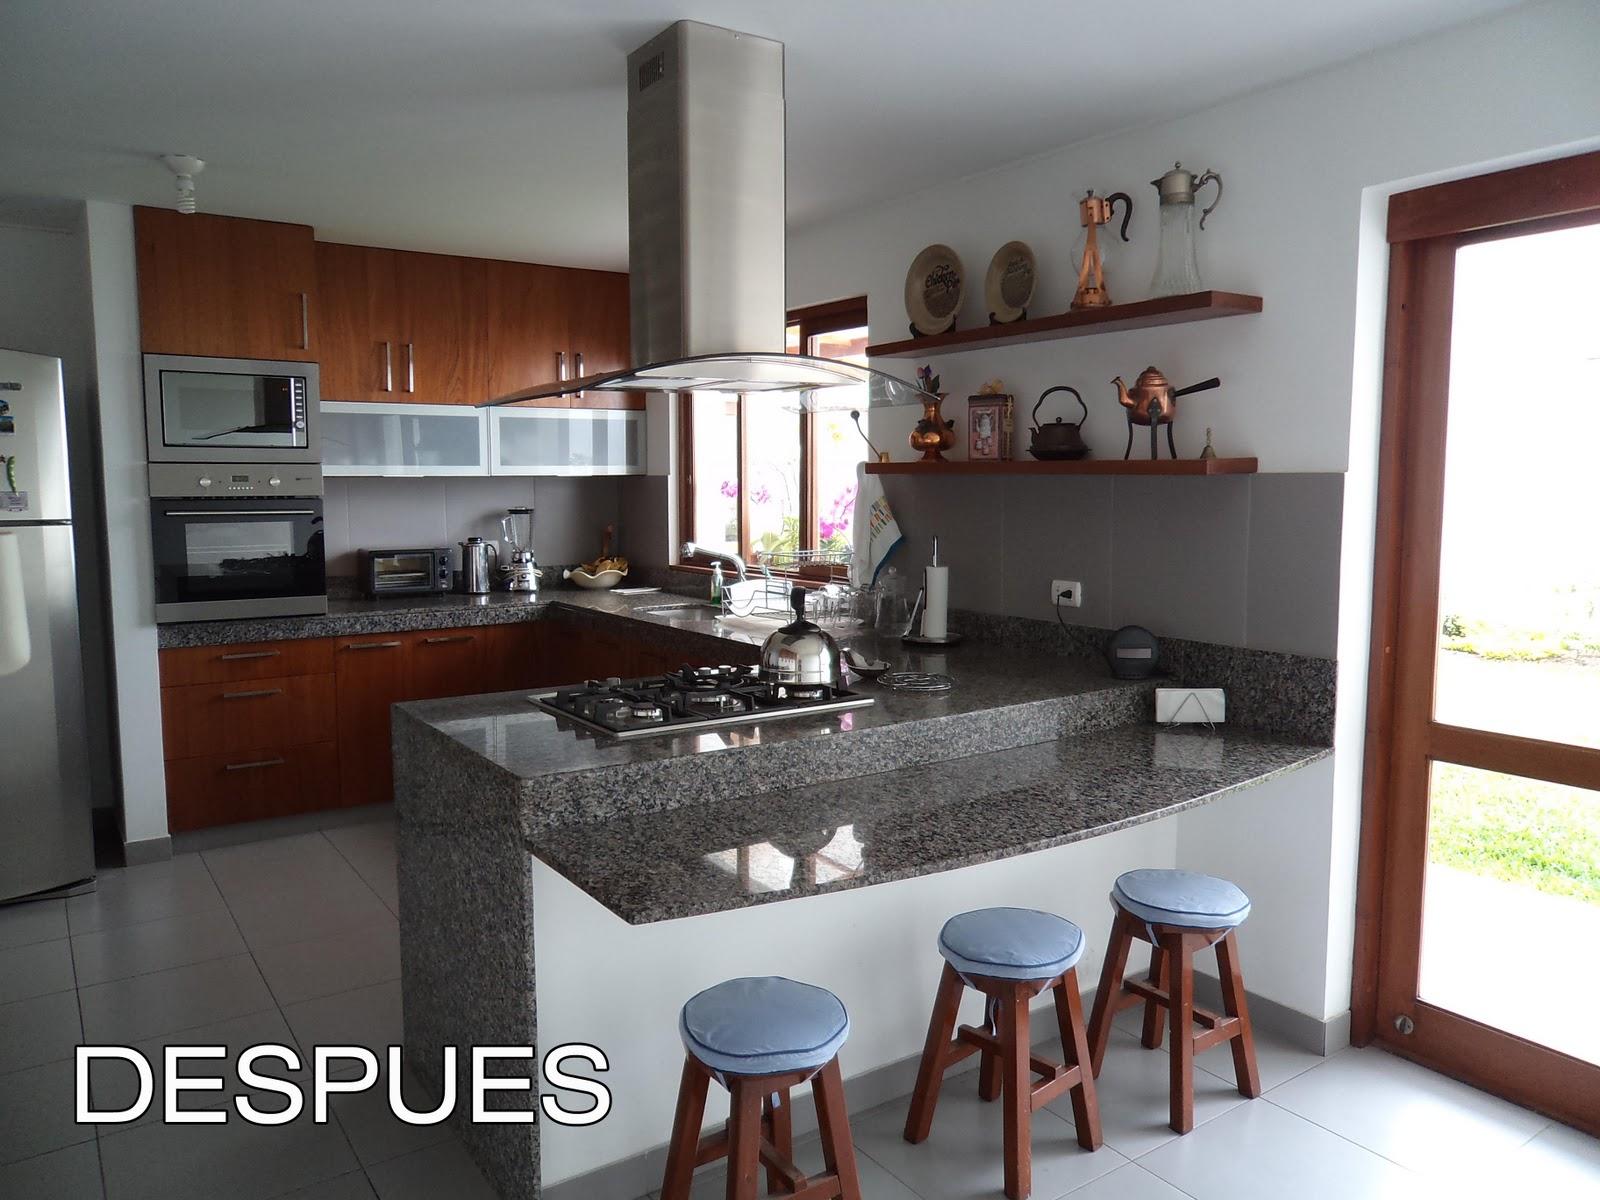 Oniria antes y despu s remodelacion de cocina for Remodelacion de casas pequenas